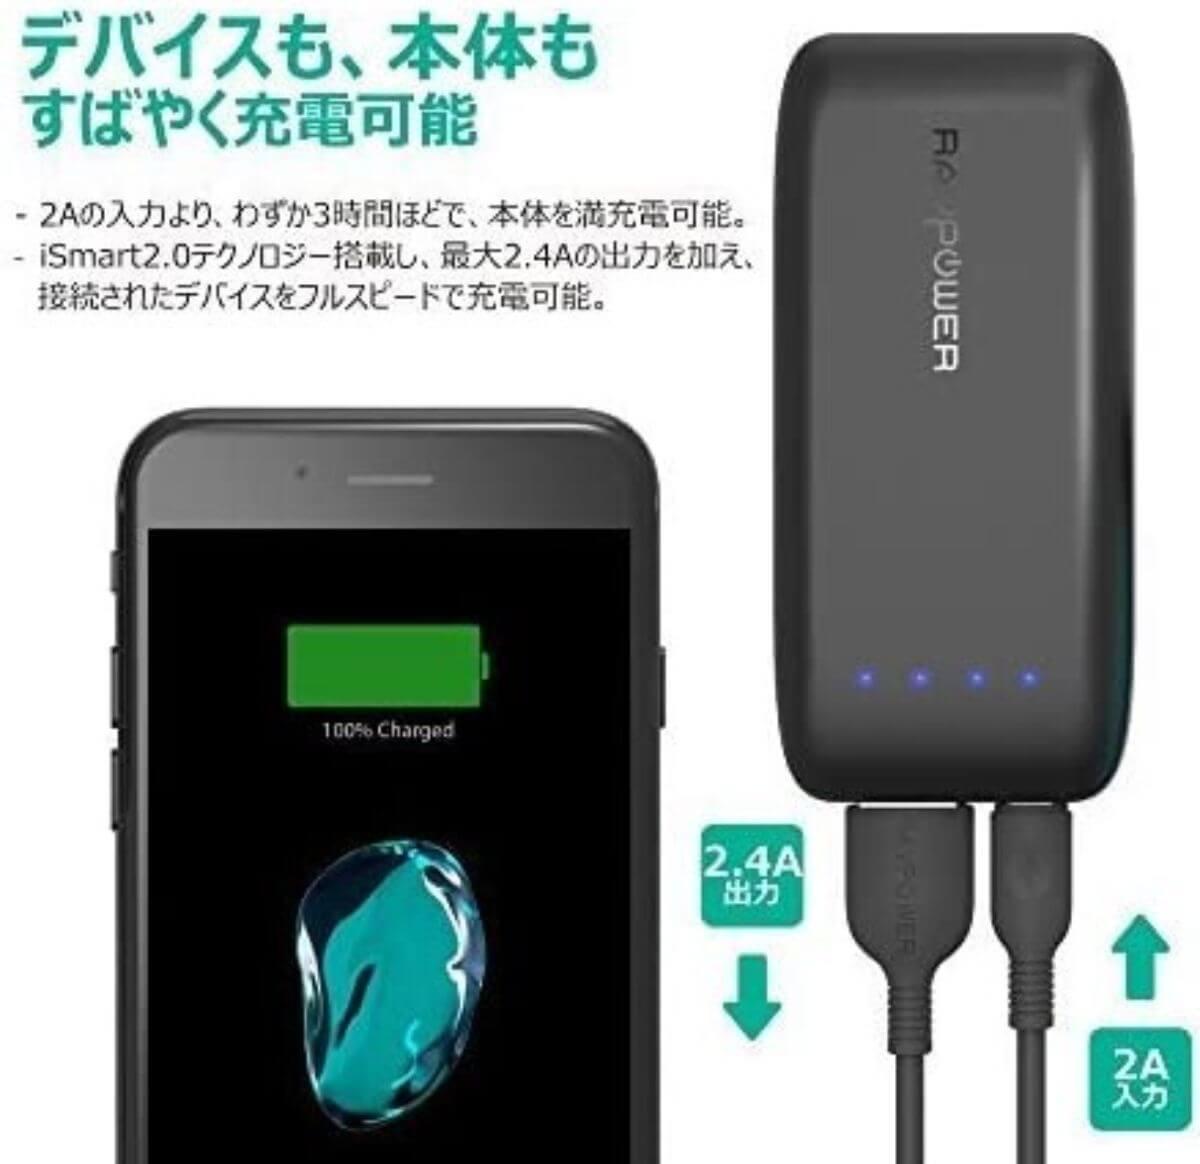 モバイルバッテリー 手のひらサイズ RAVPower RP-PB060 急速充電